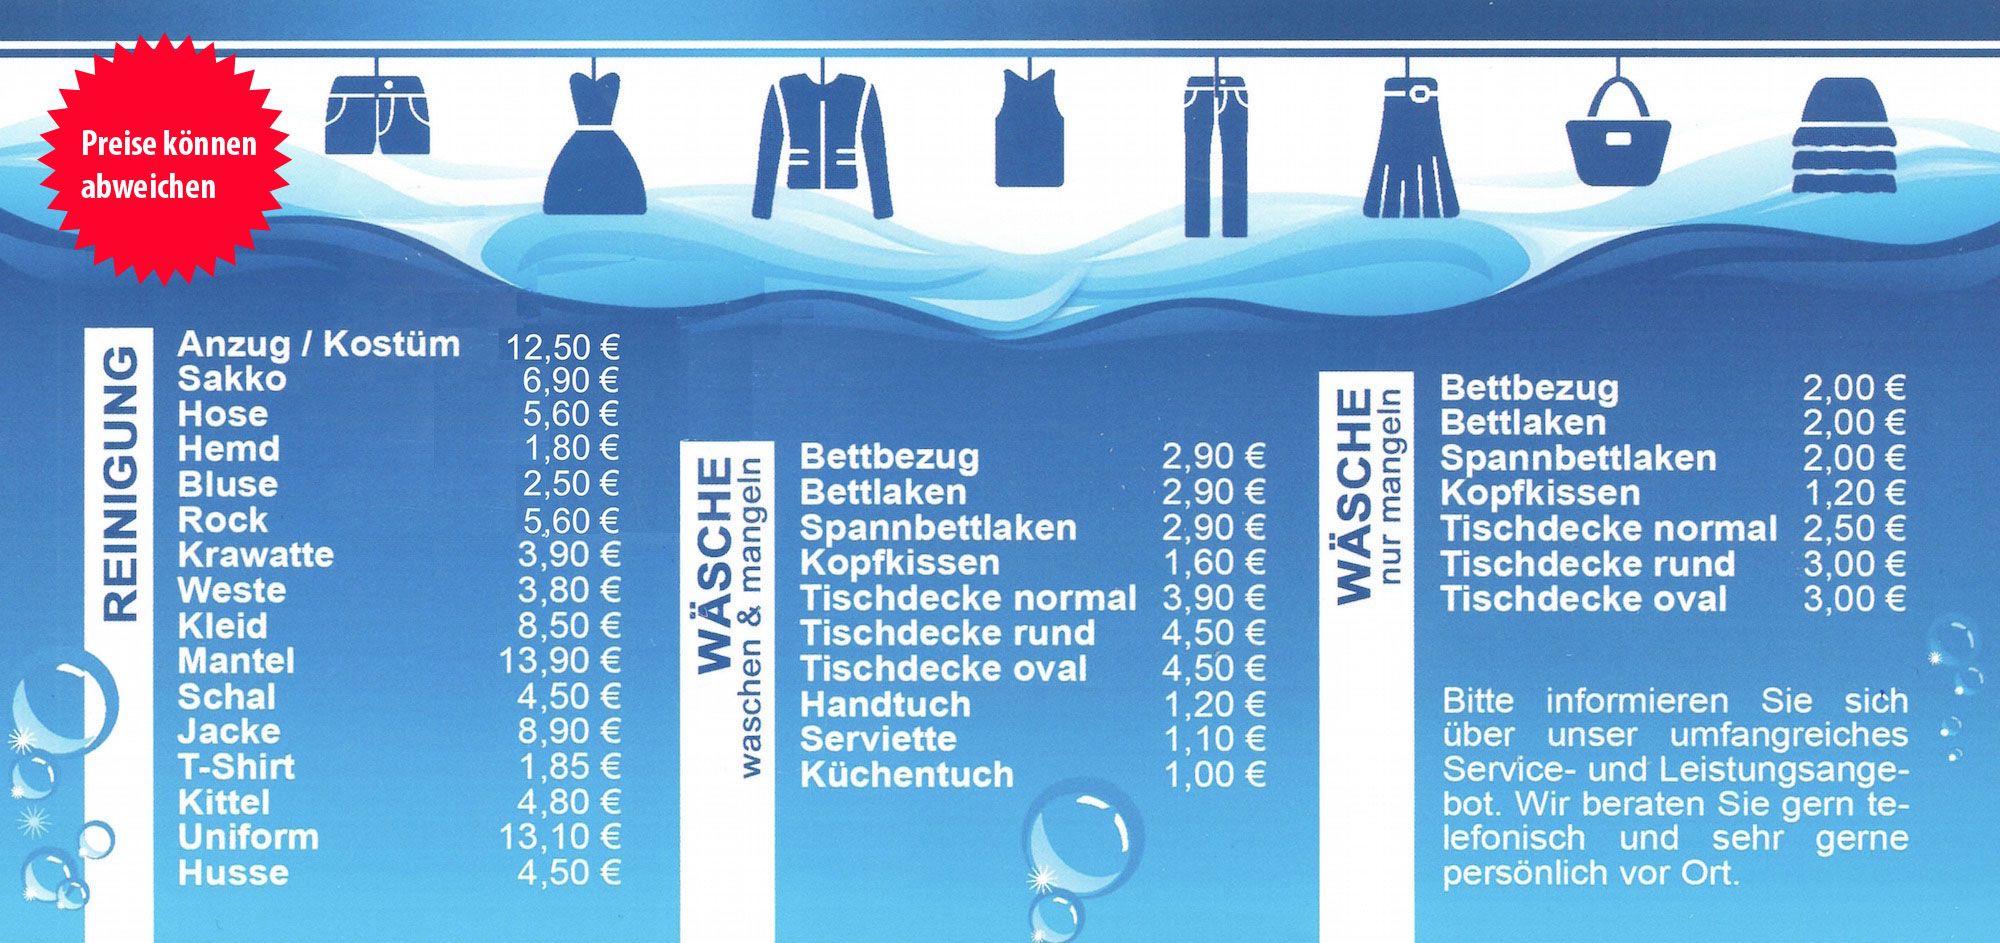 Leistungen Oceana Textilpflege In Bad Homburg